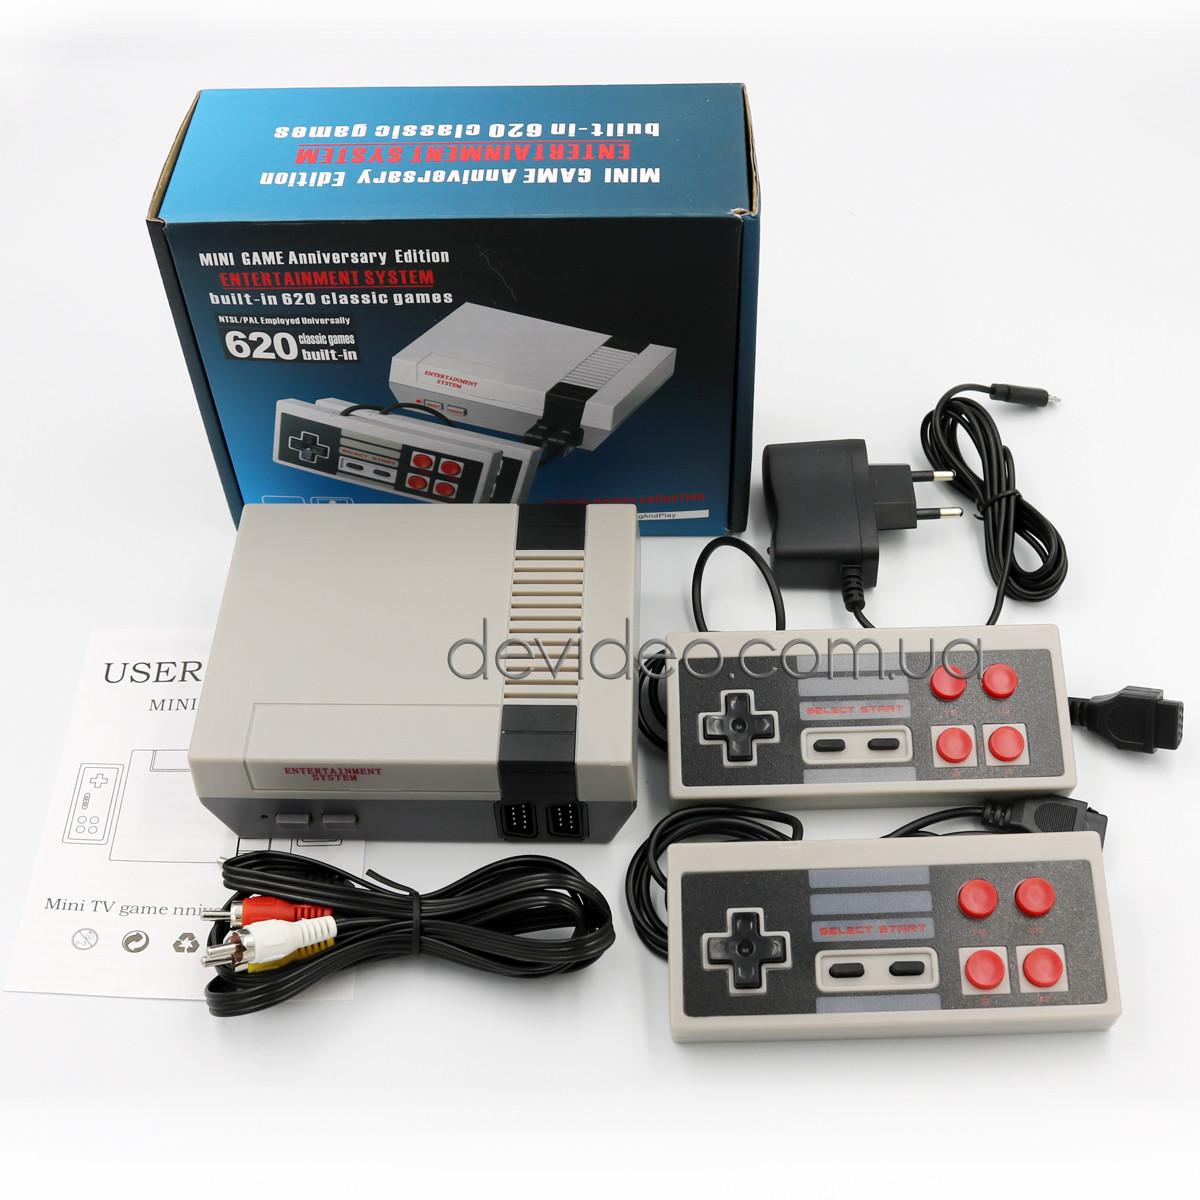 Игровая приставка Dendy NES 620 | 620 встроенных игр 8 бит